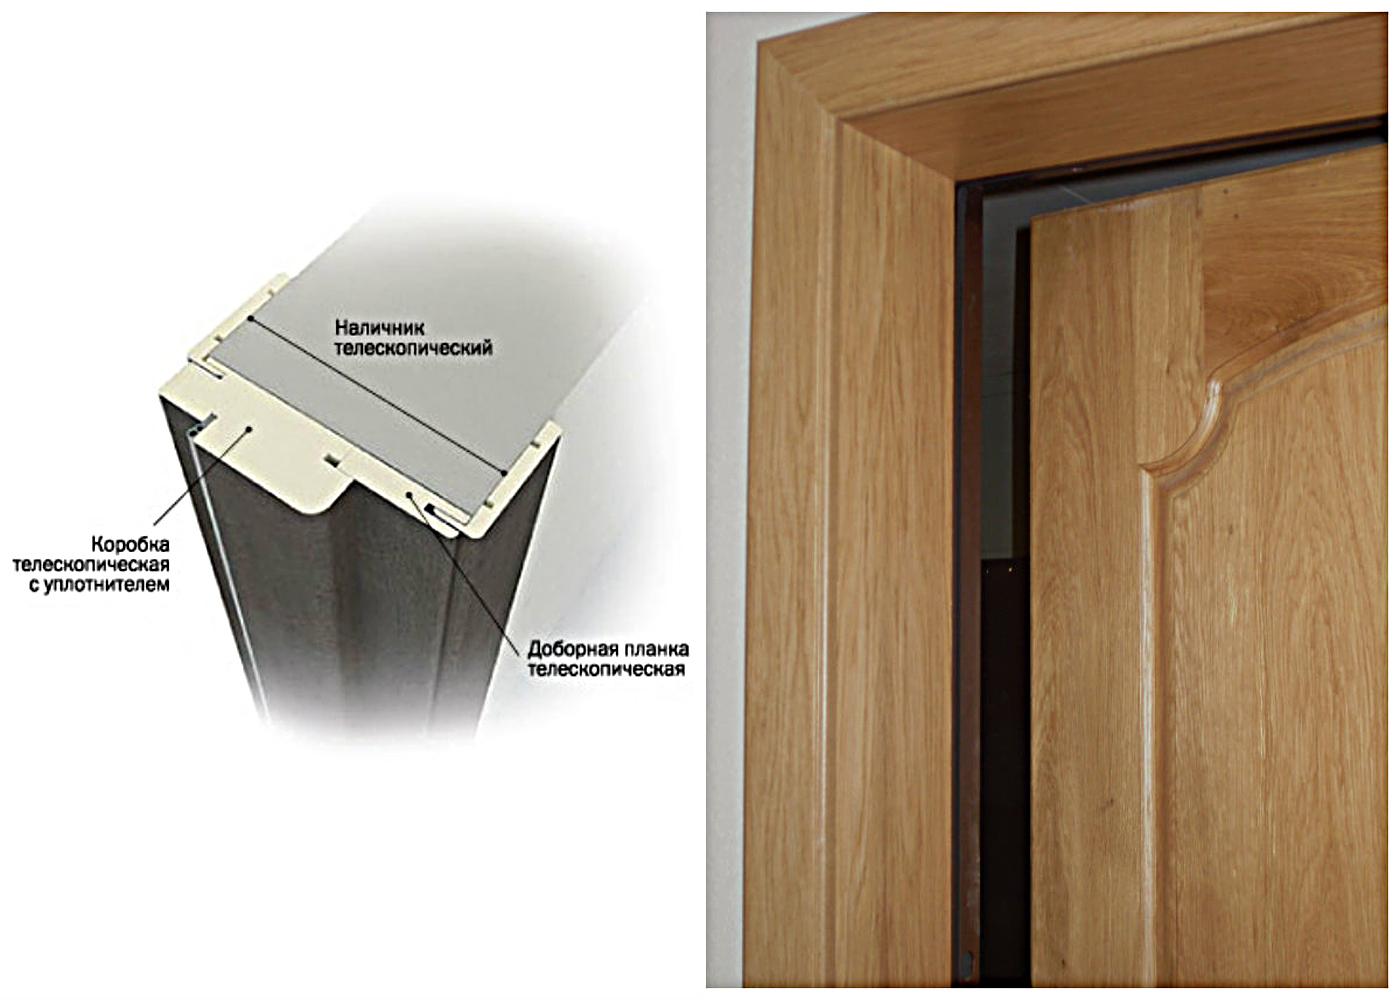 Добор для двери: что это такое, какие бывают размеры, установка своими руками, фото и видео